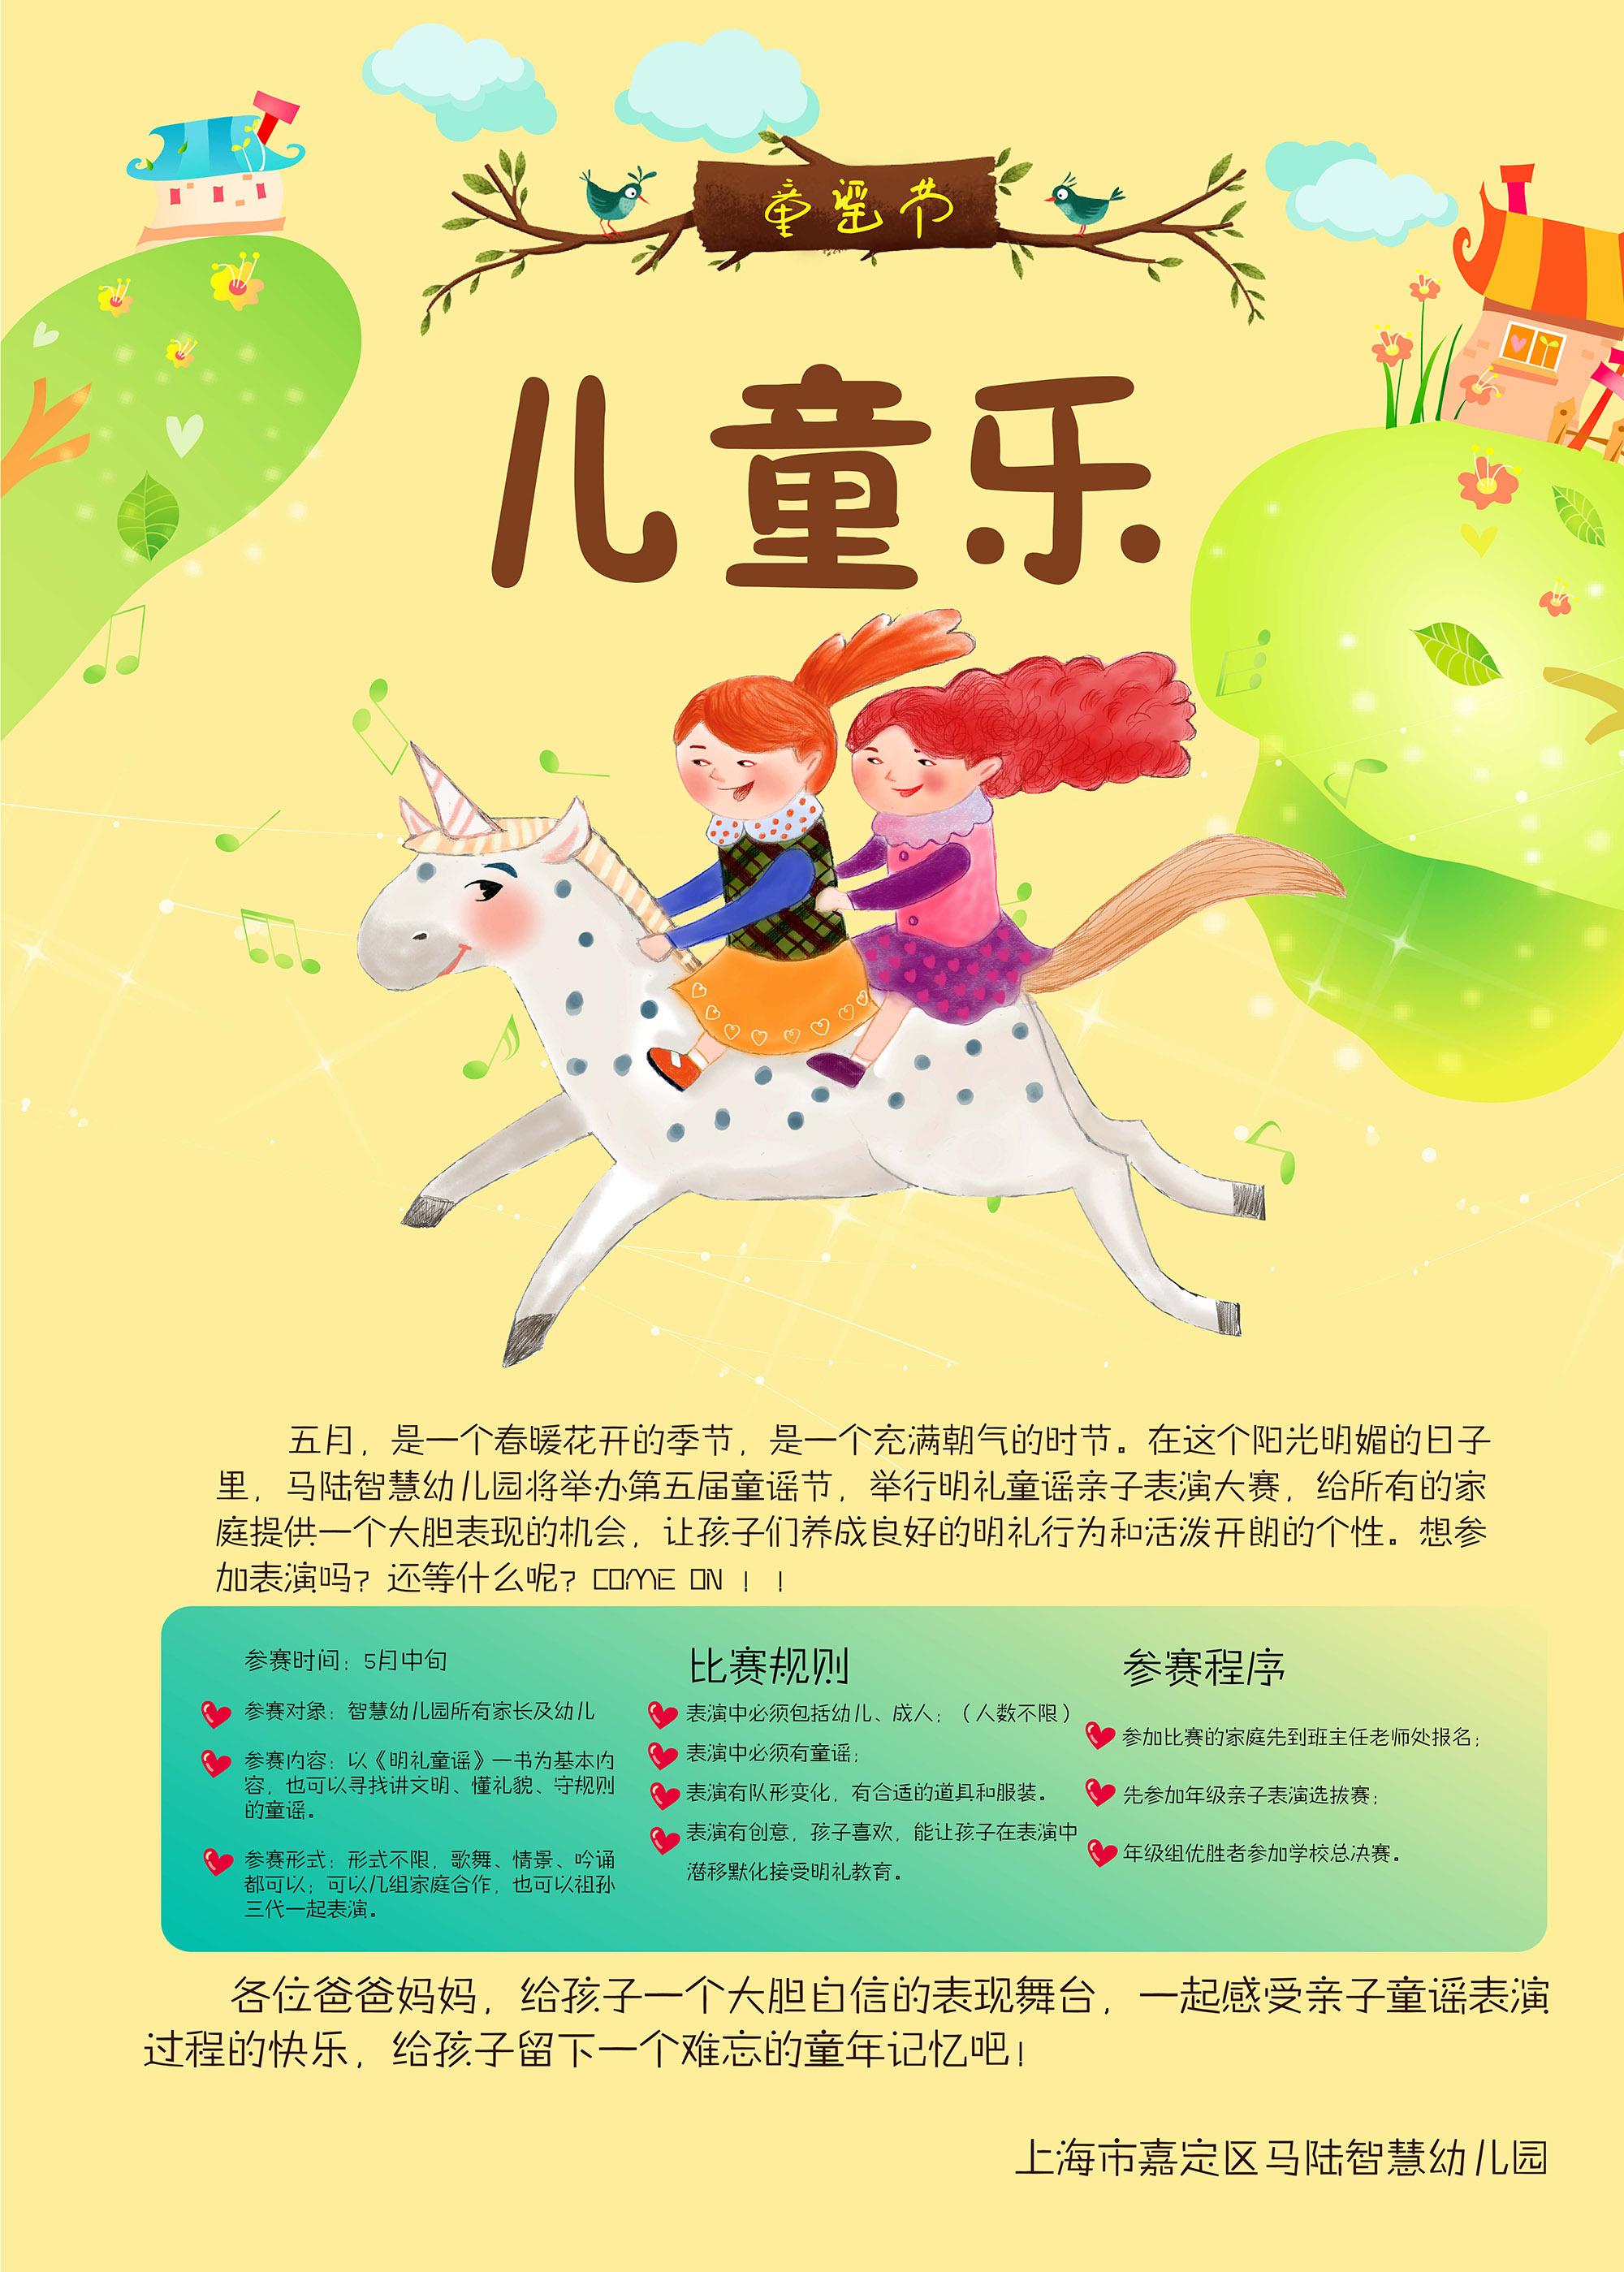 上海幼儿园海报设计